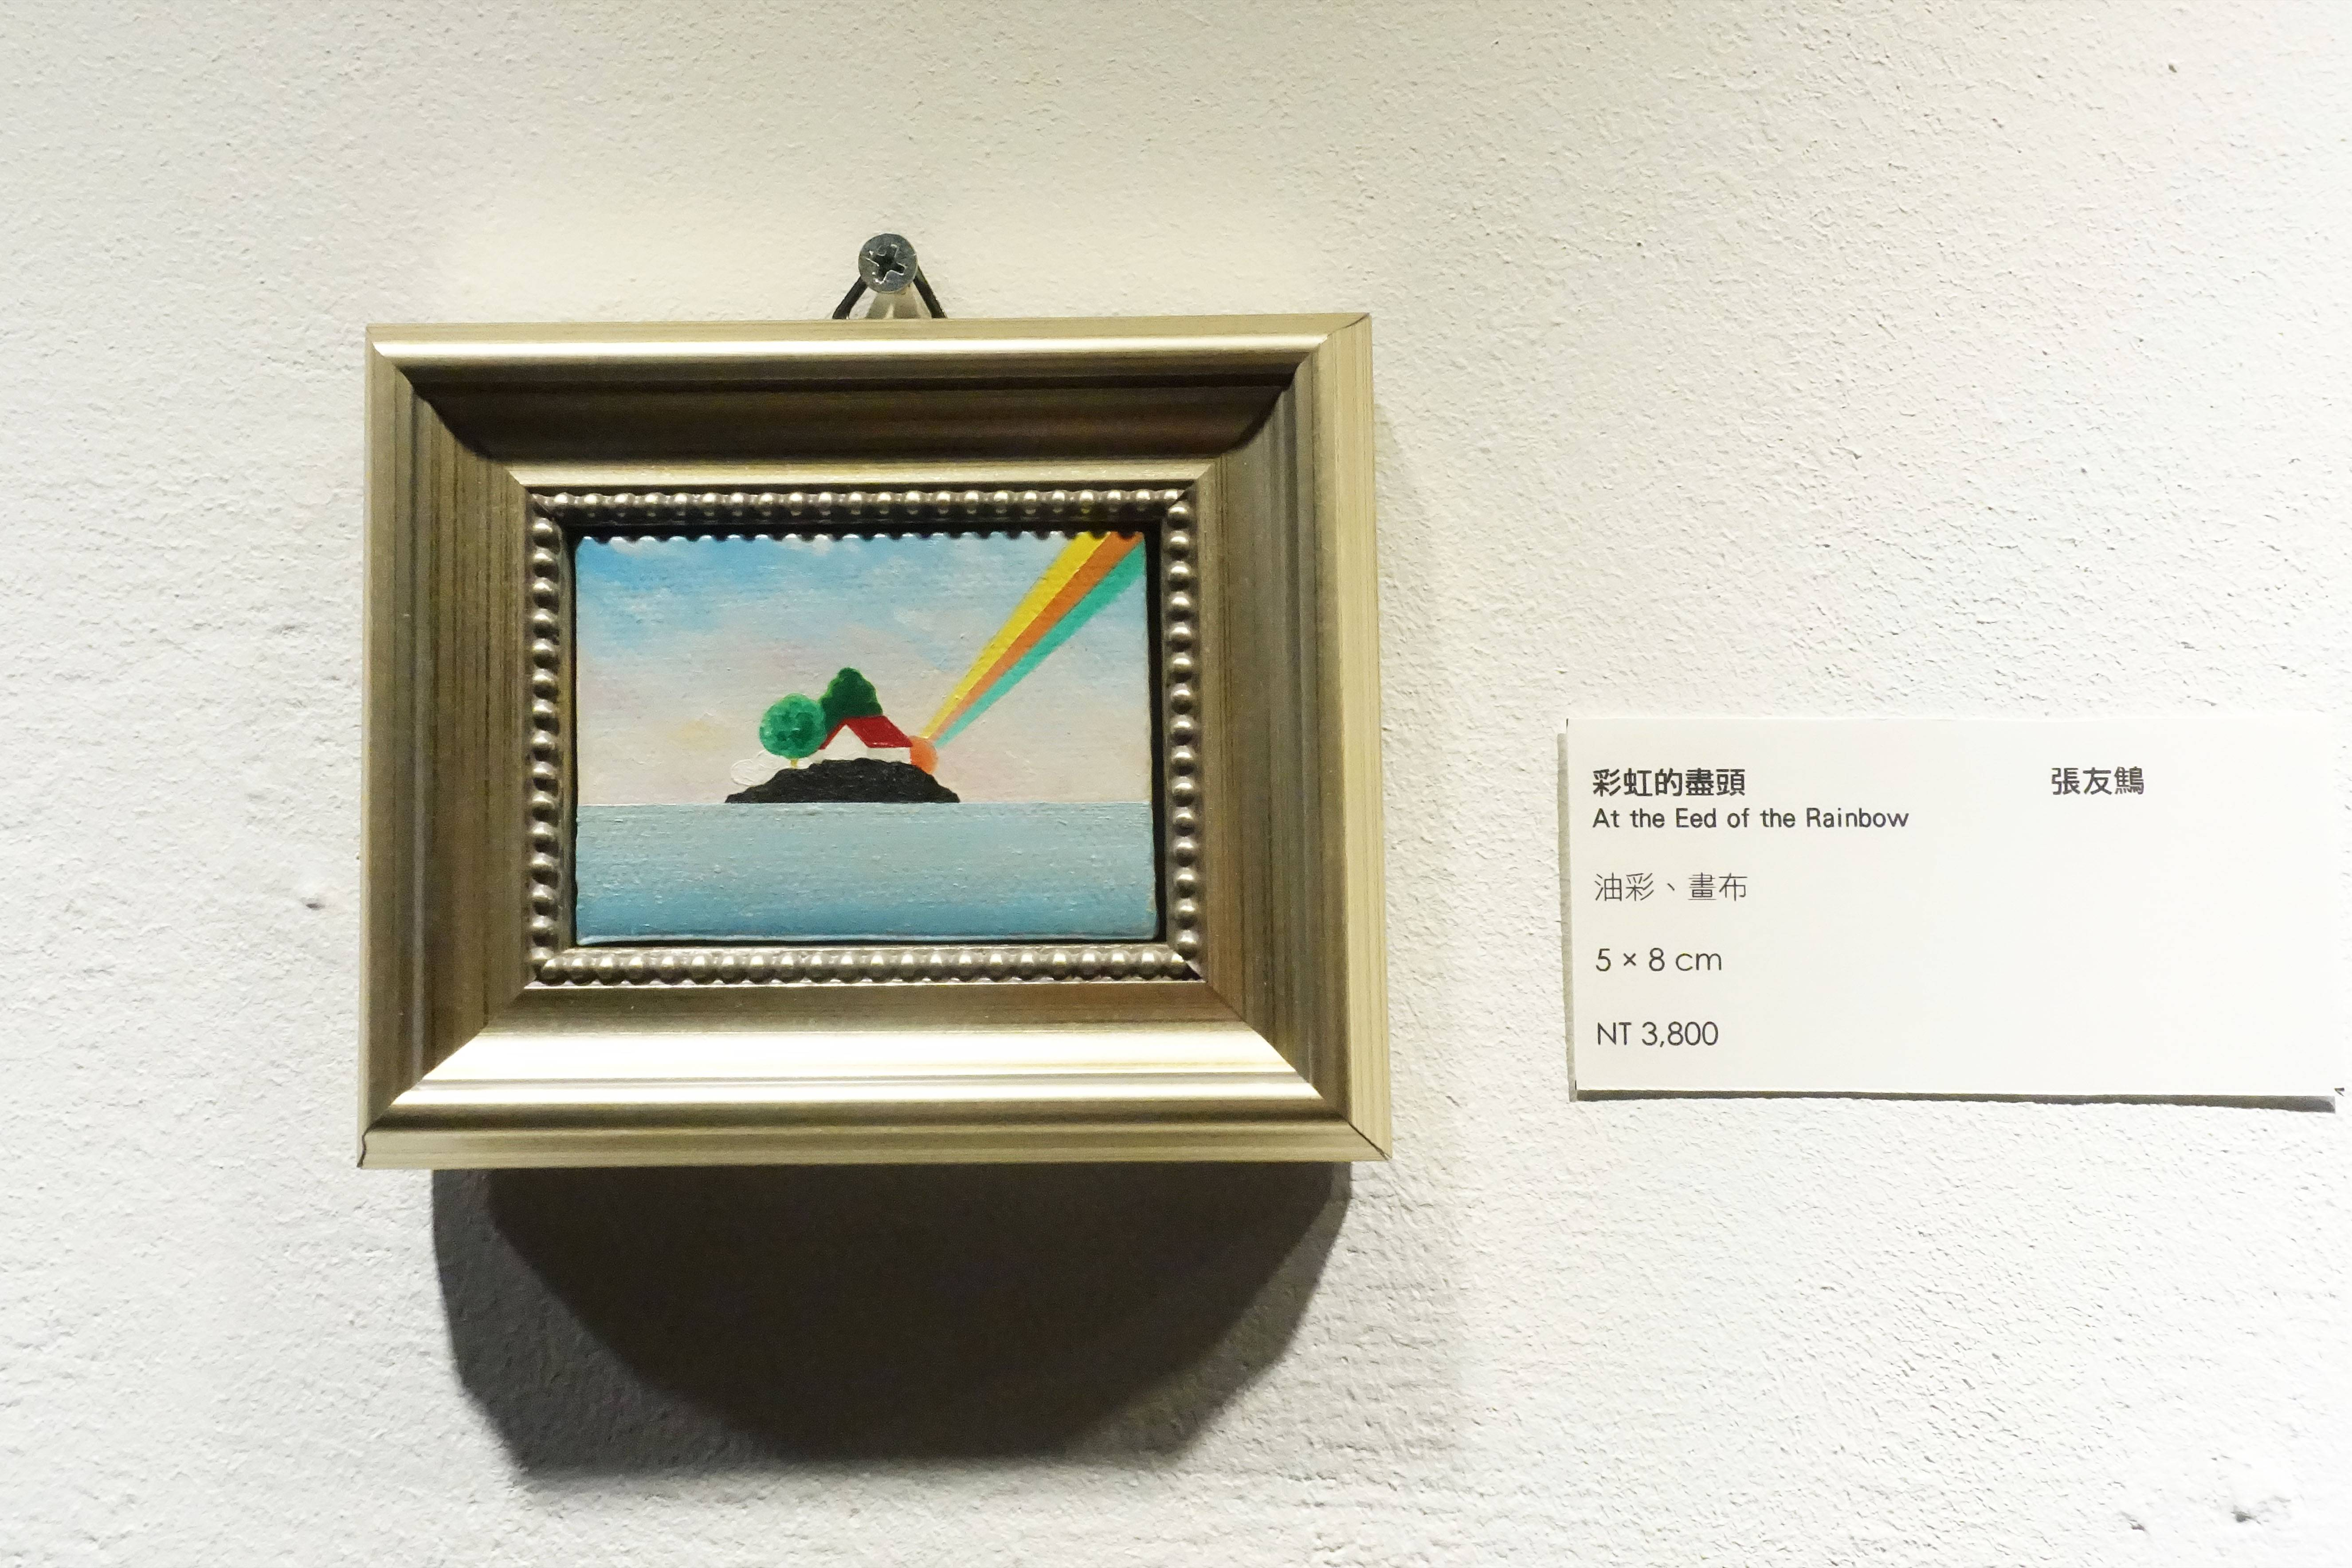 張友鷦,《彩虹的盡頭》,油彩畫布,2018。